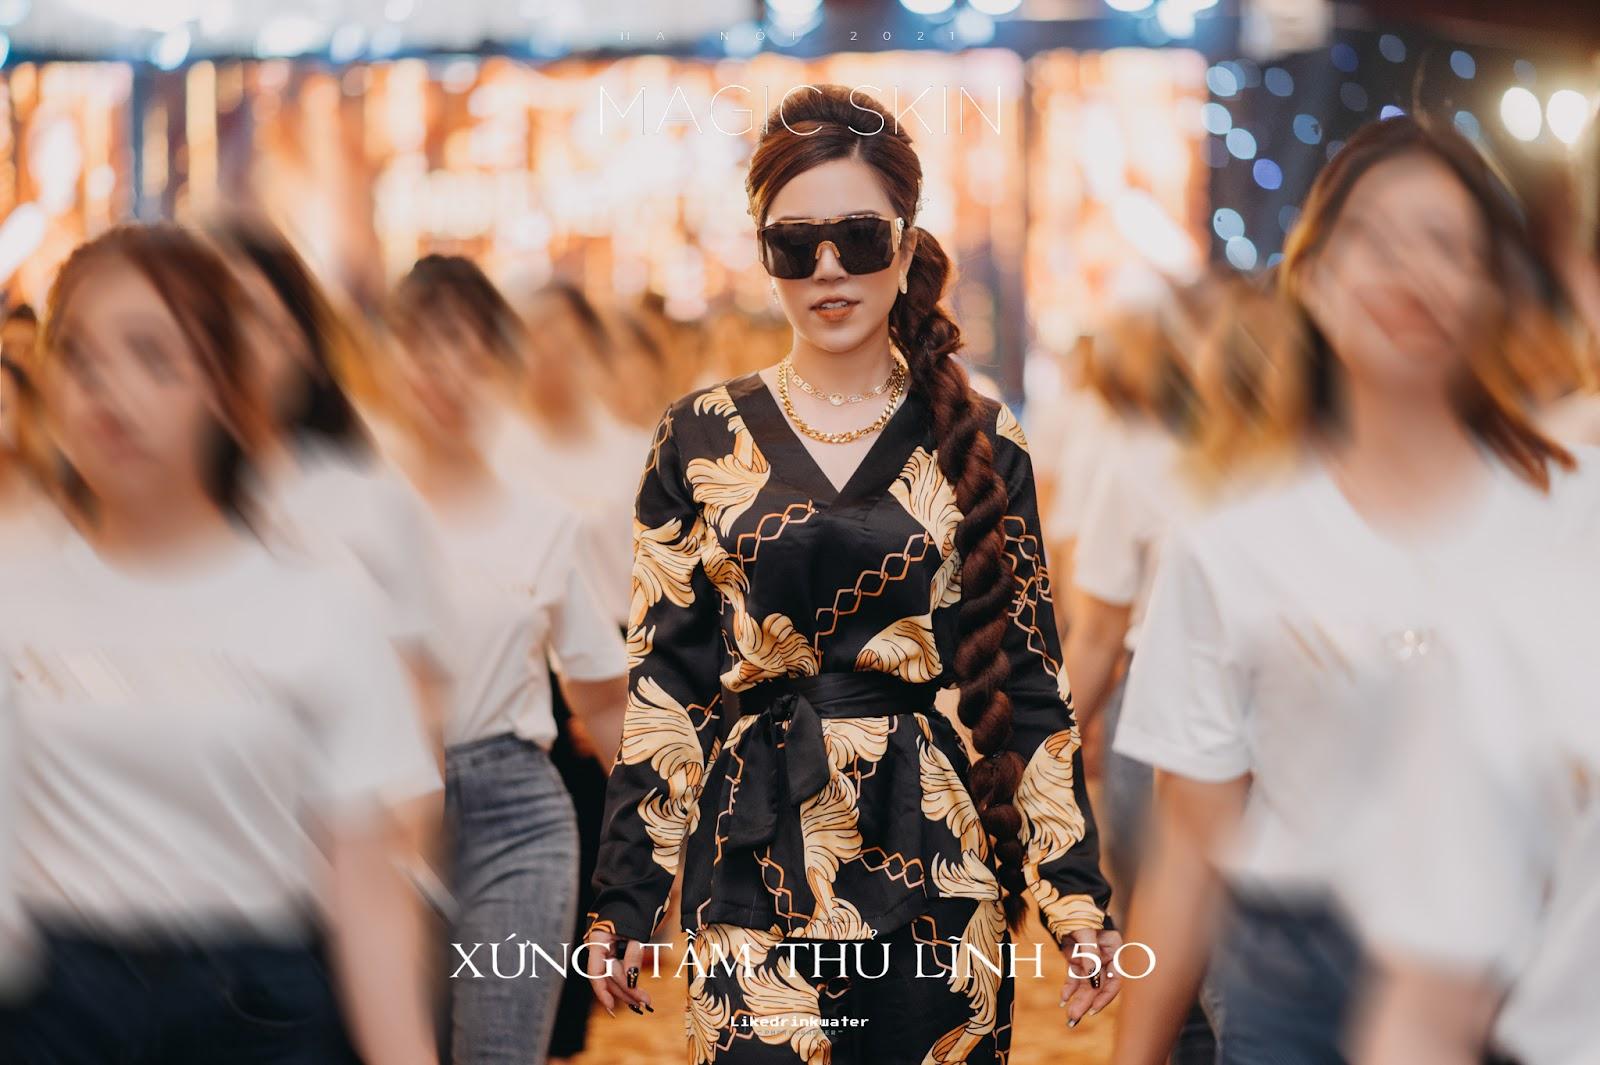 Trở thành thủ lĩnh xứng tầm cùng nữ diễn giả trẻ tuổi Đào Minh Châu trong khóa đào tạo đẳng cấp Xứng tầm thủ lĩnh 5.0 - Ảnh 2